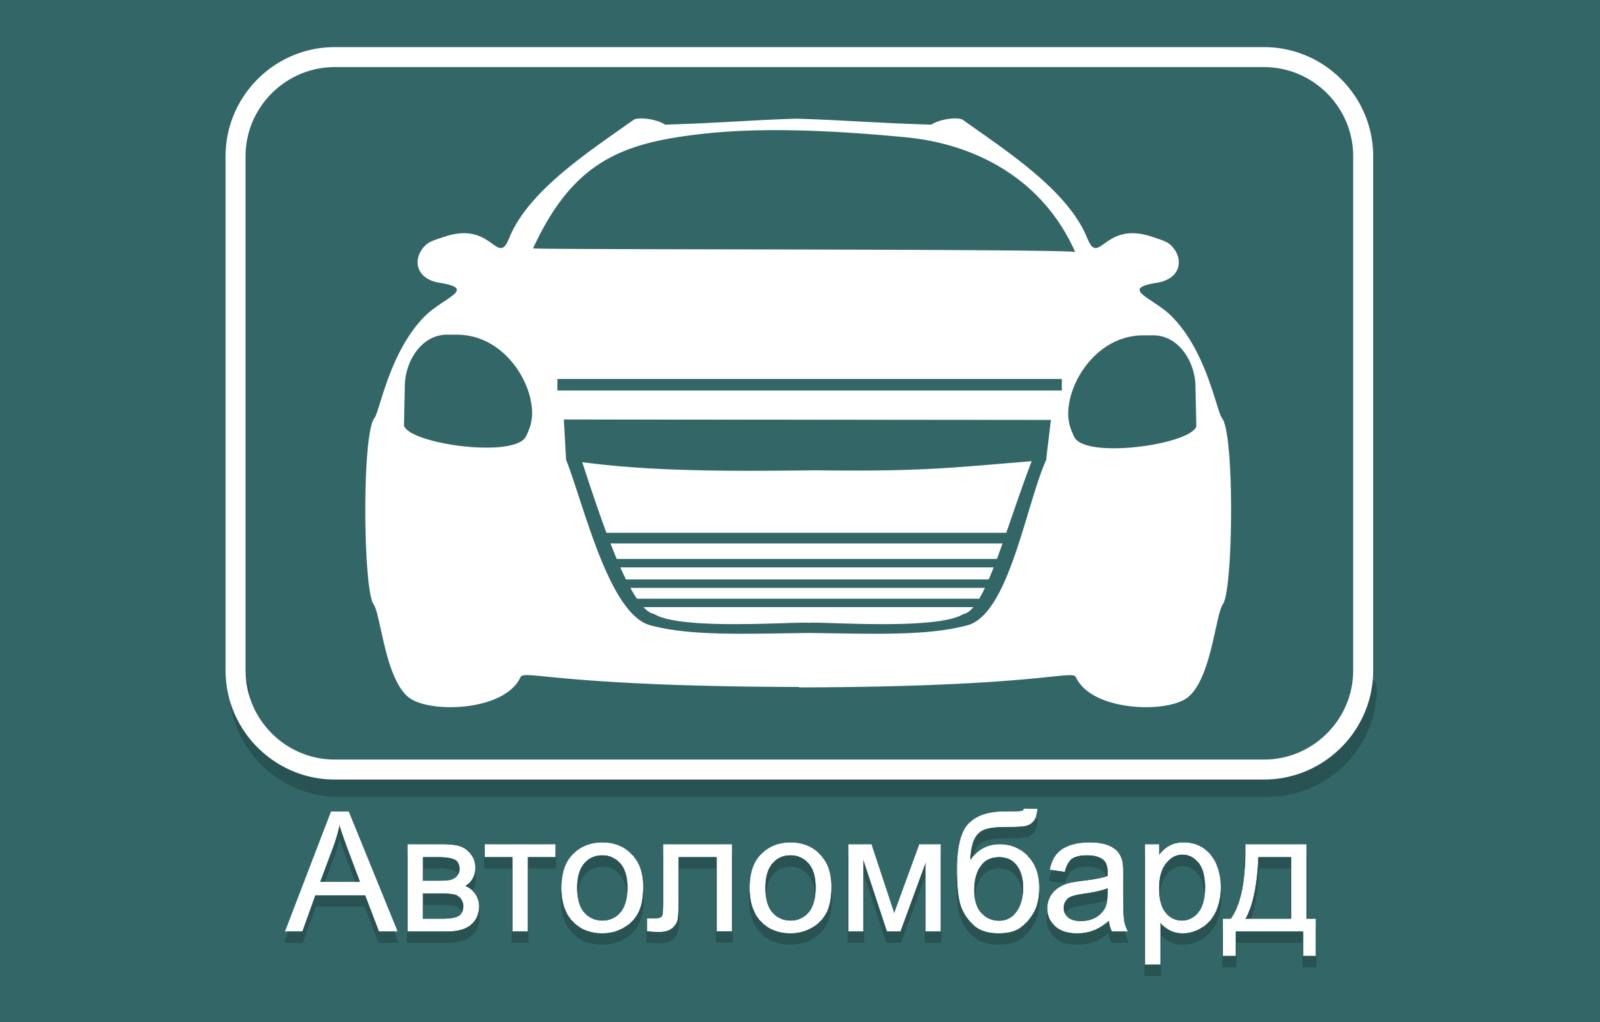 Автоломбард под залог машины без птс кредит залог авто наличными